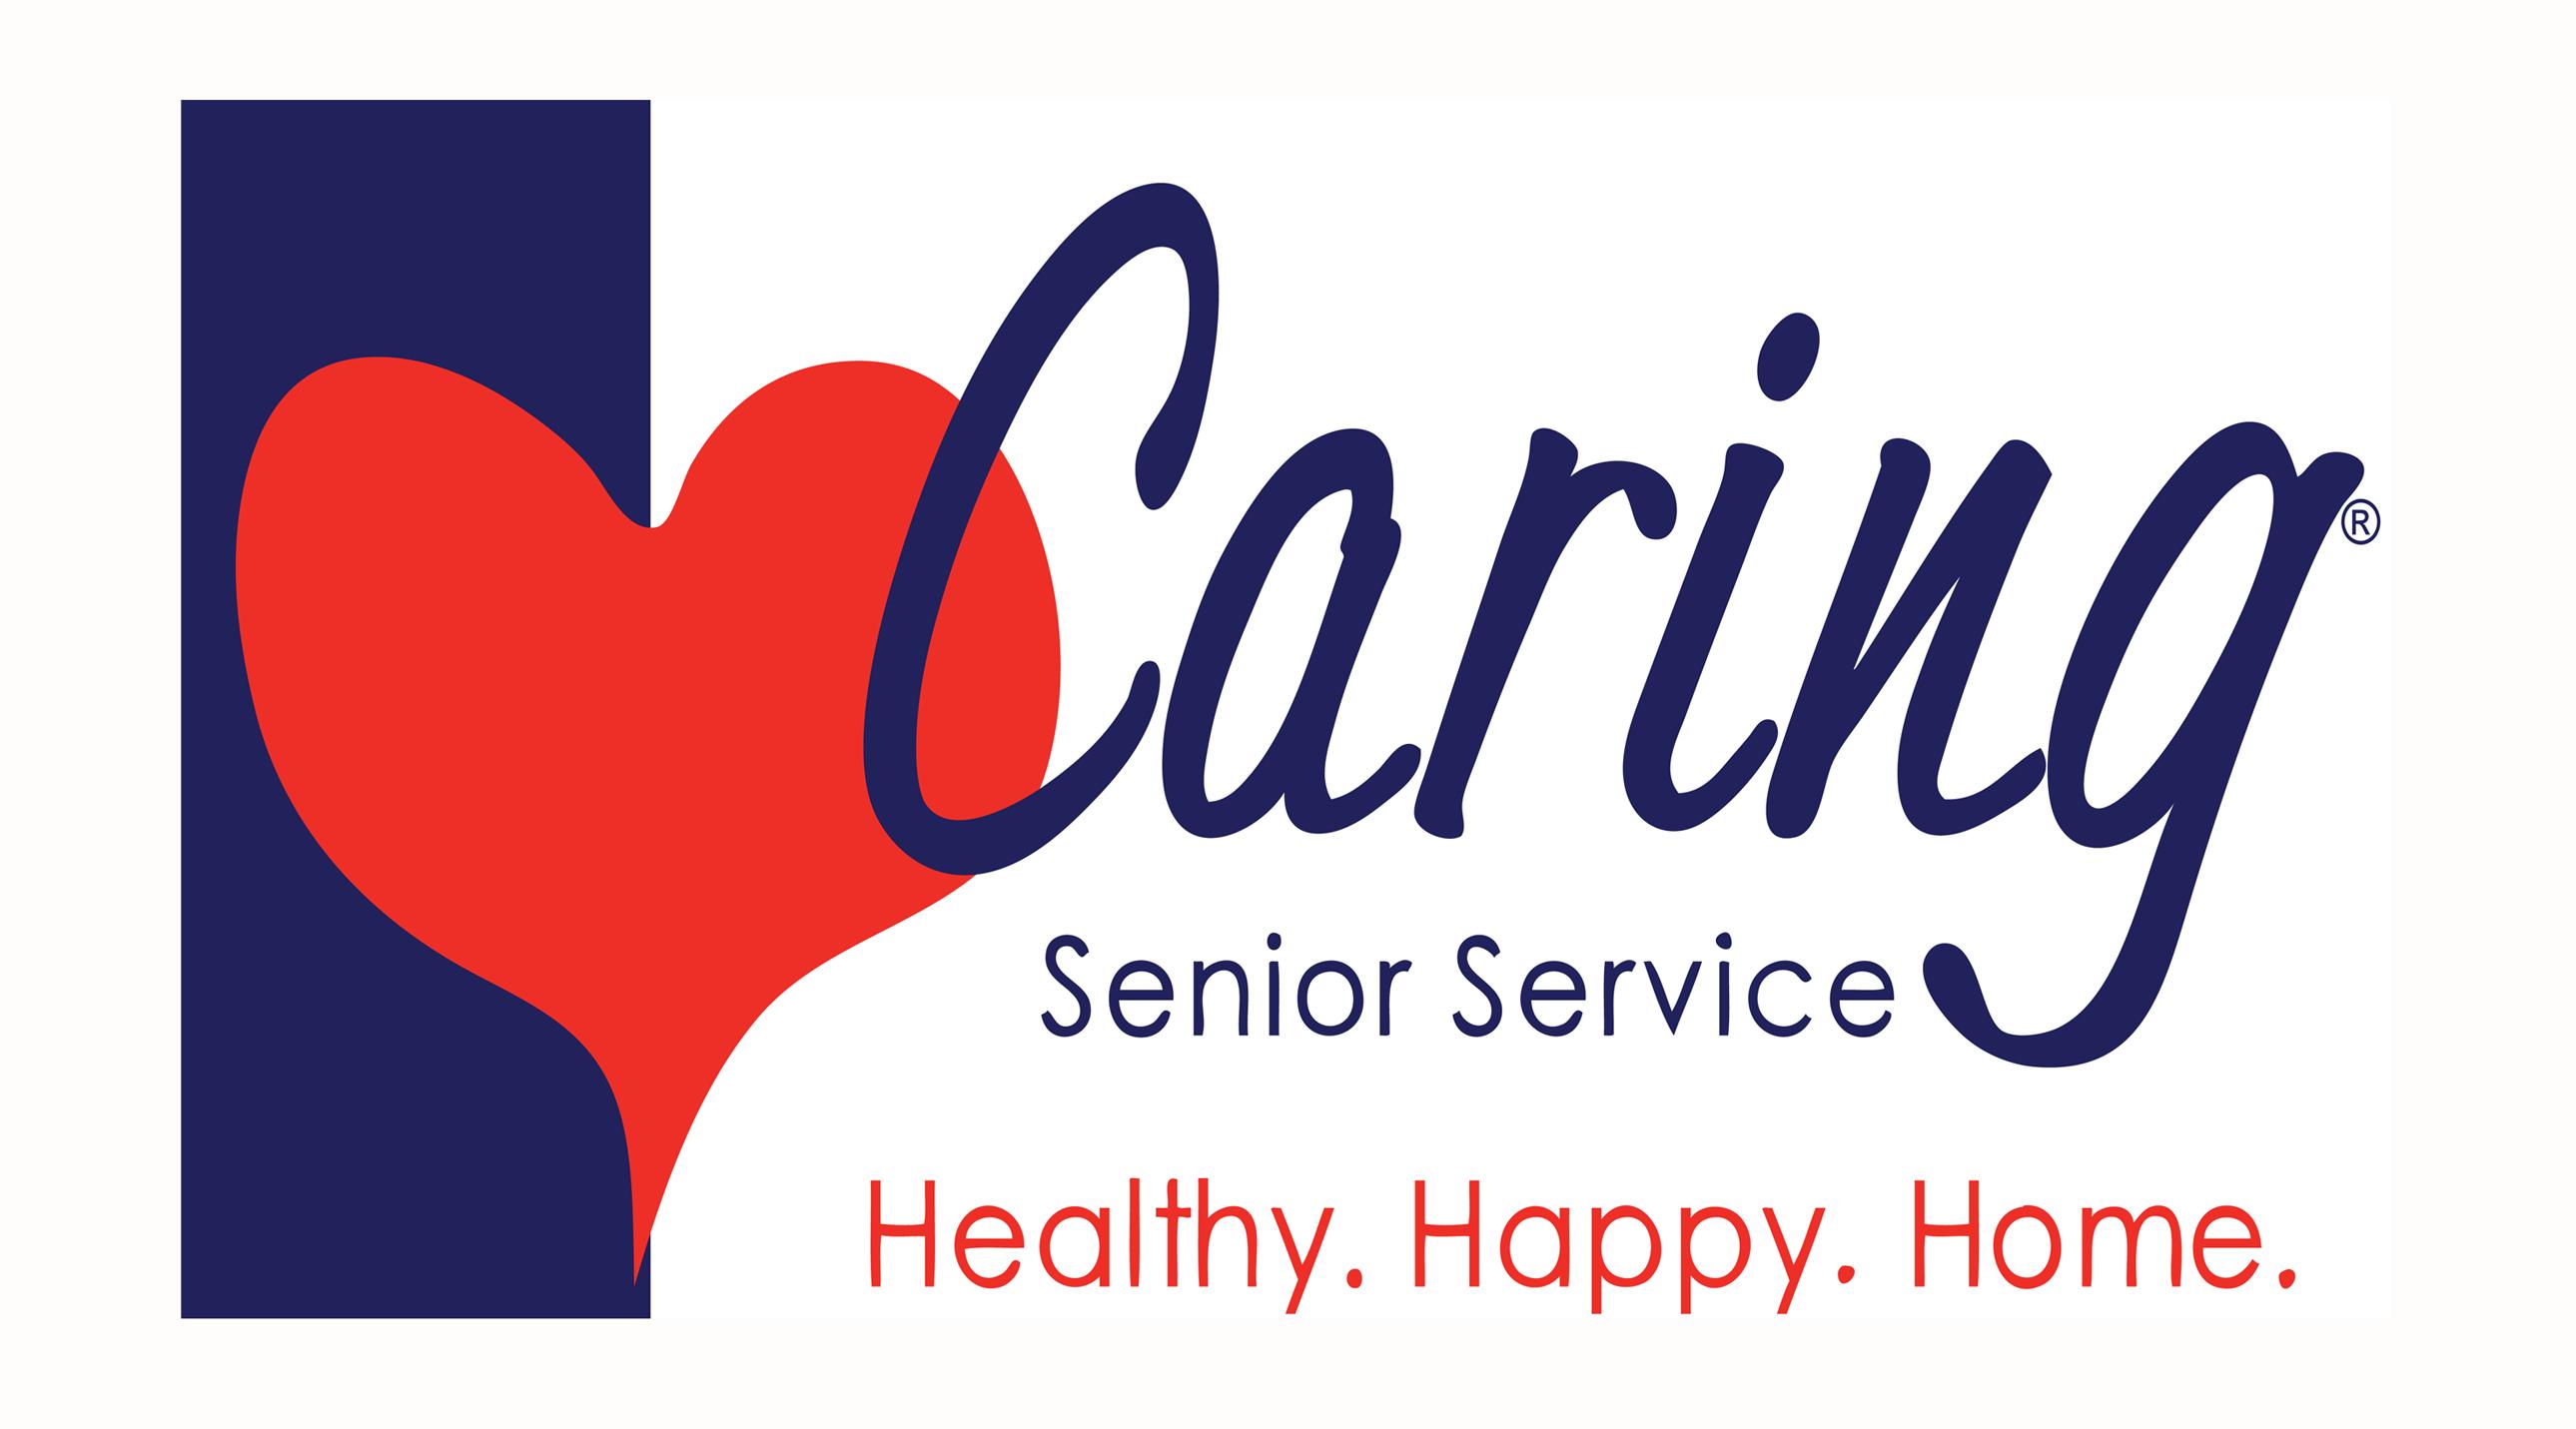 Caring Senior Services of Brazoria County